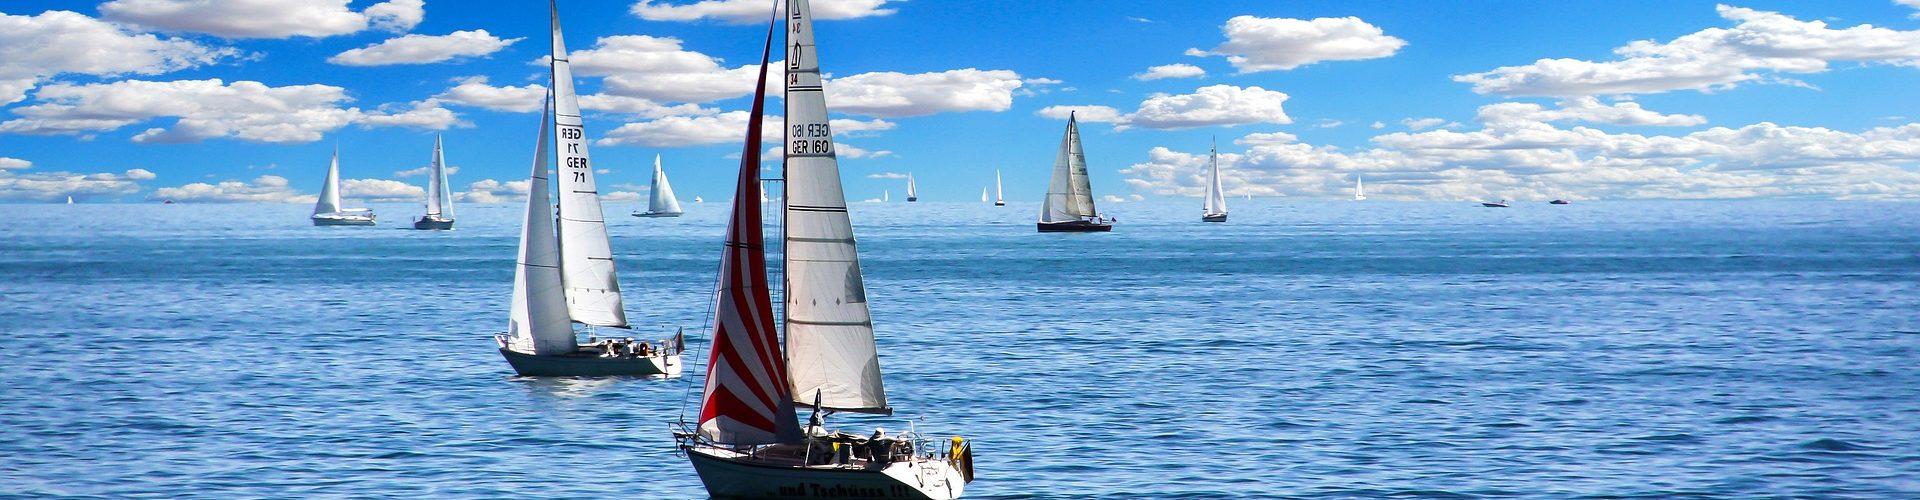 segeln lernen in Datteln segelschein machen in Datteln 1920x500 - Segeln lernen in Datteln